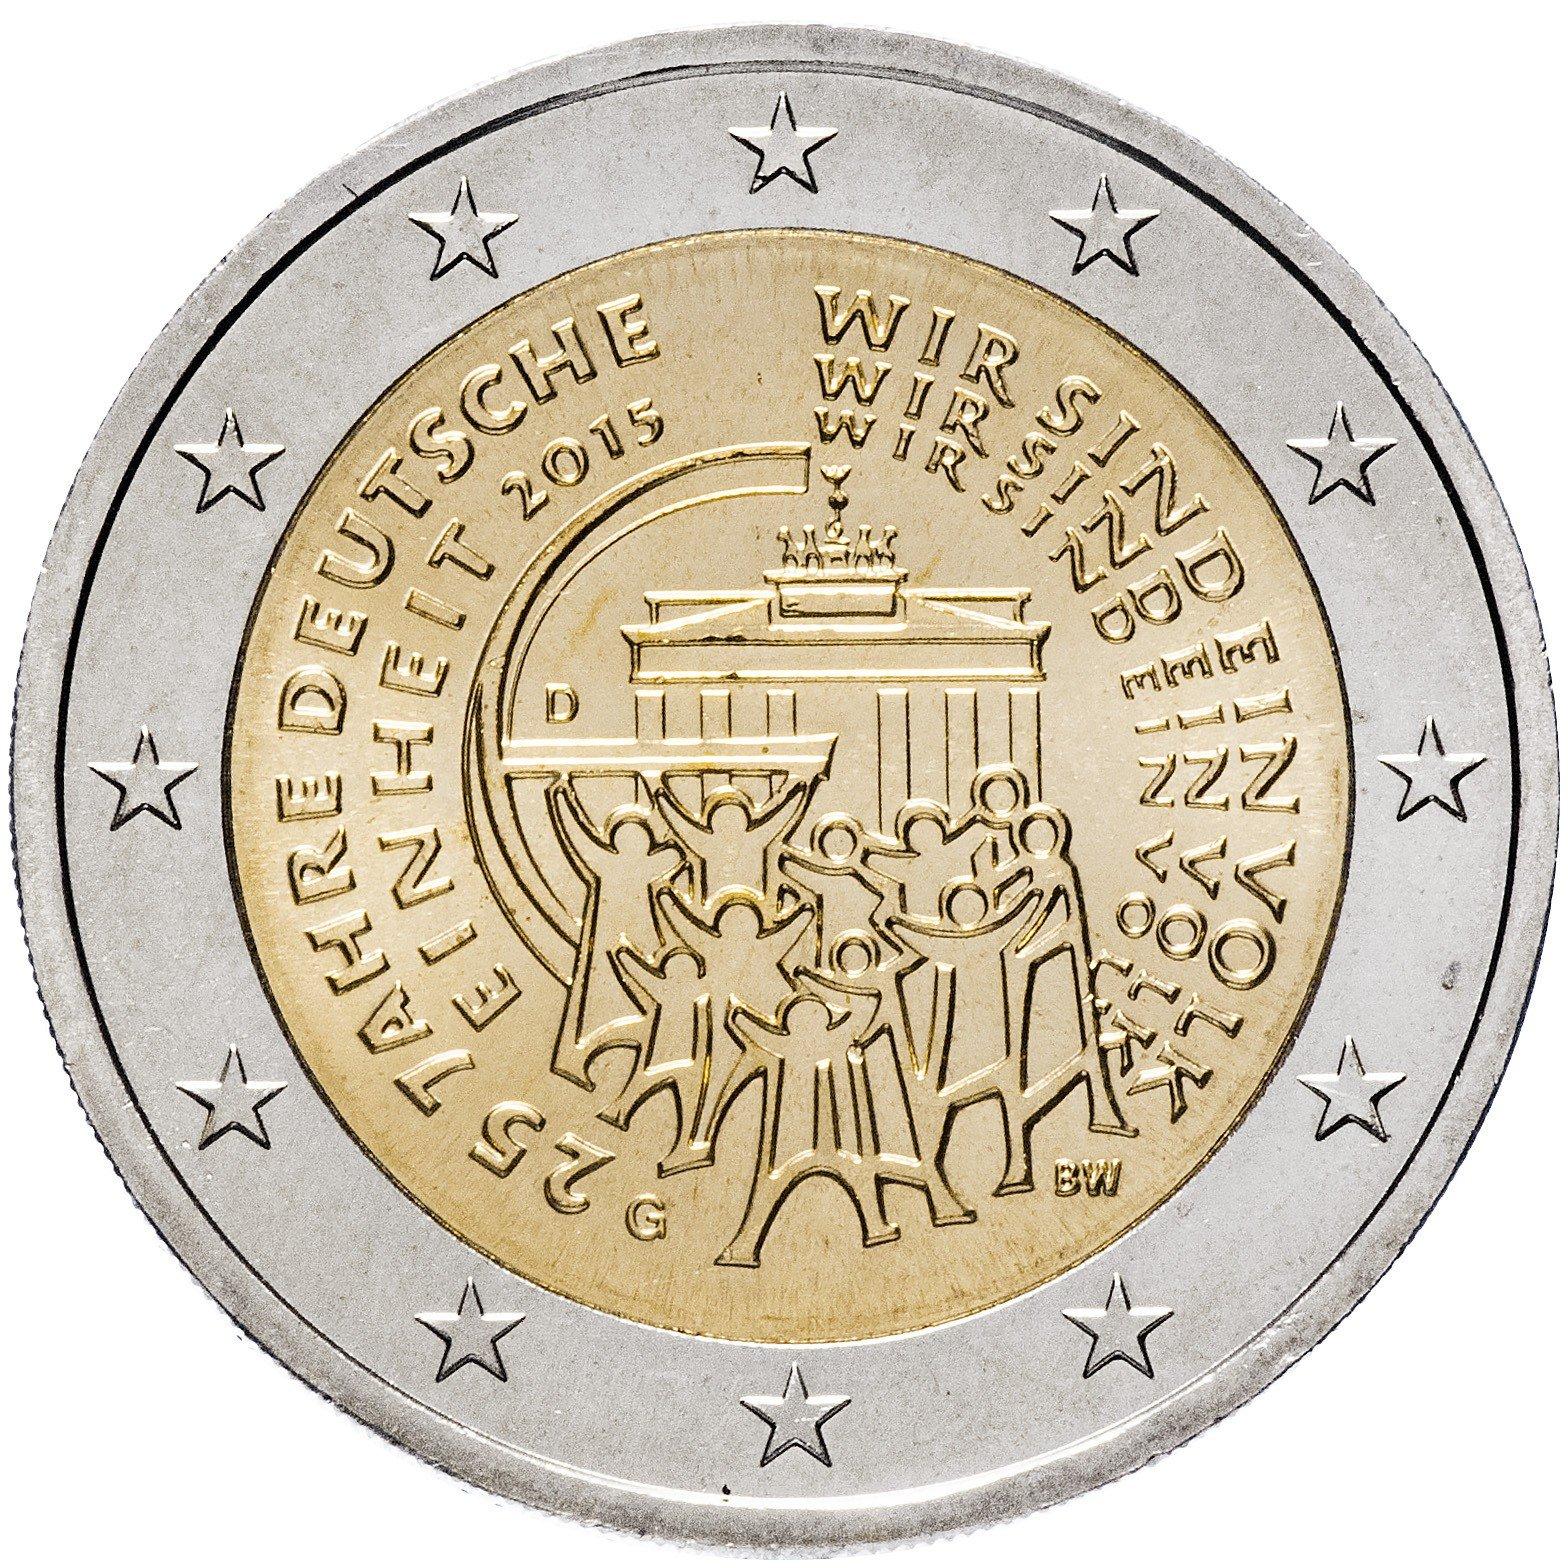 25 летие объединения германии 100 рублей 1910 года шипов цена